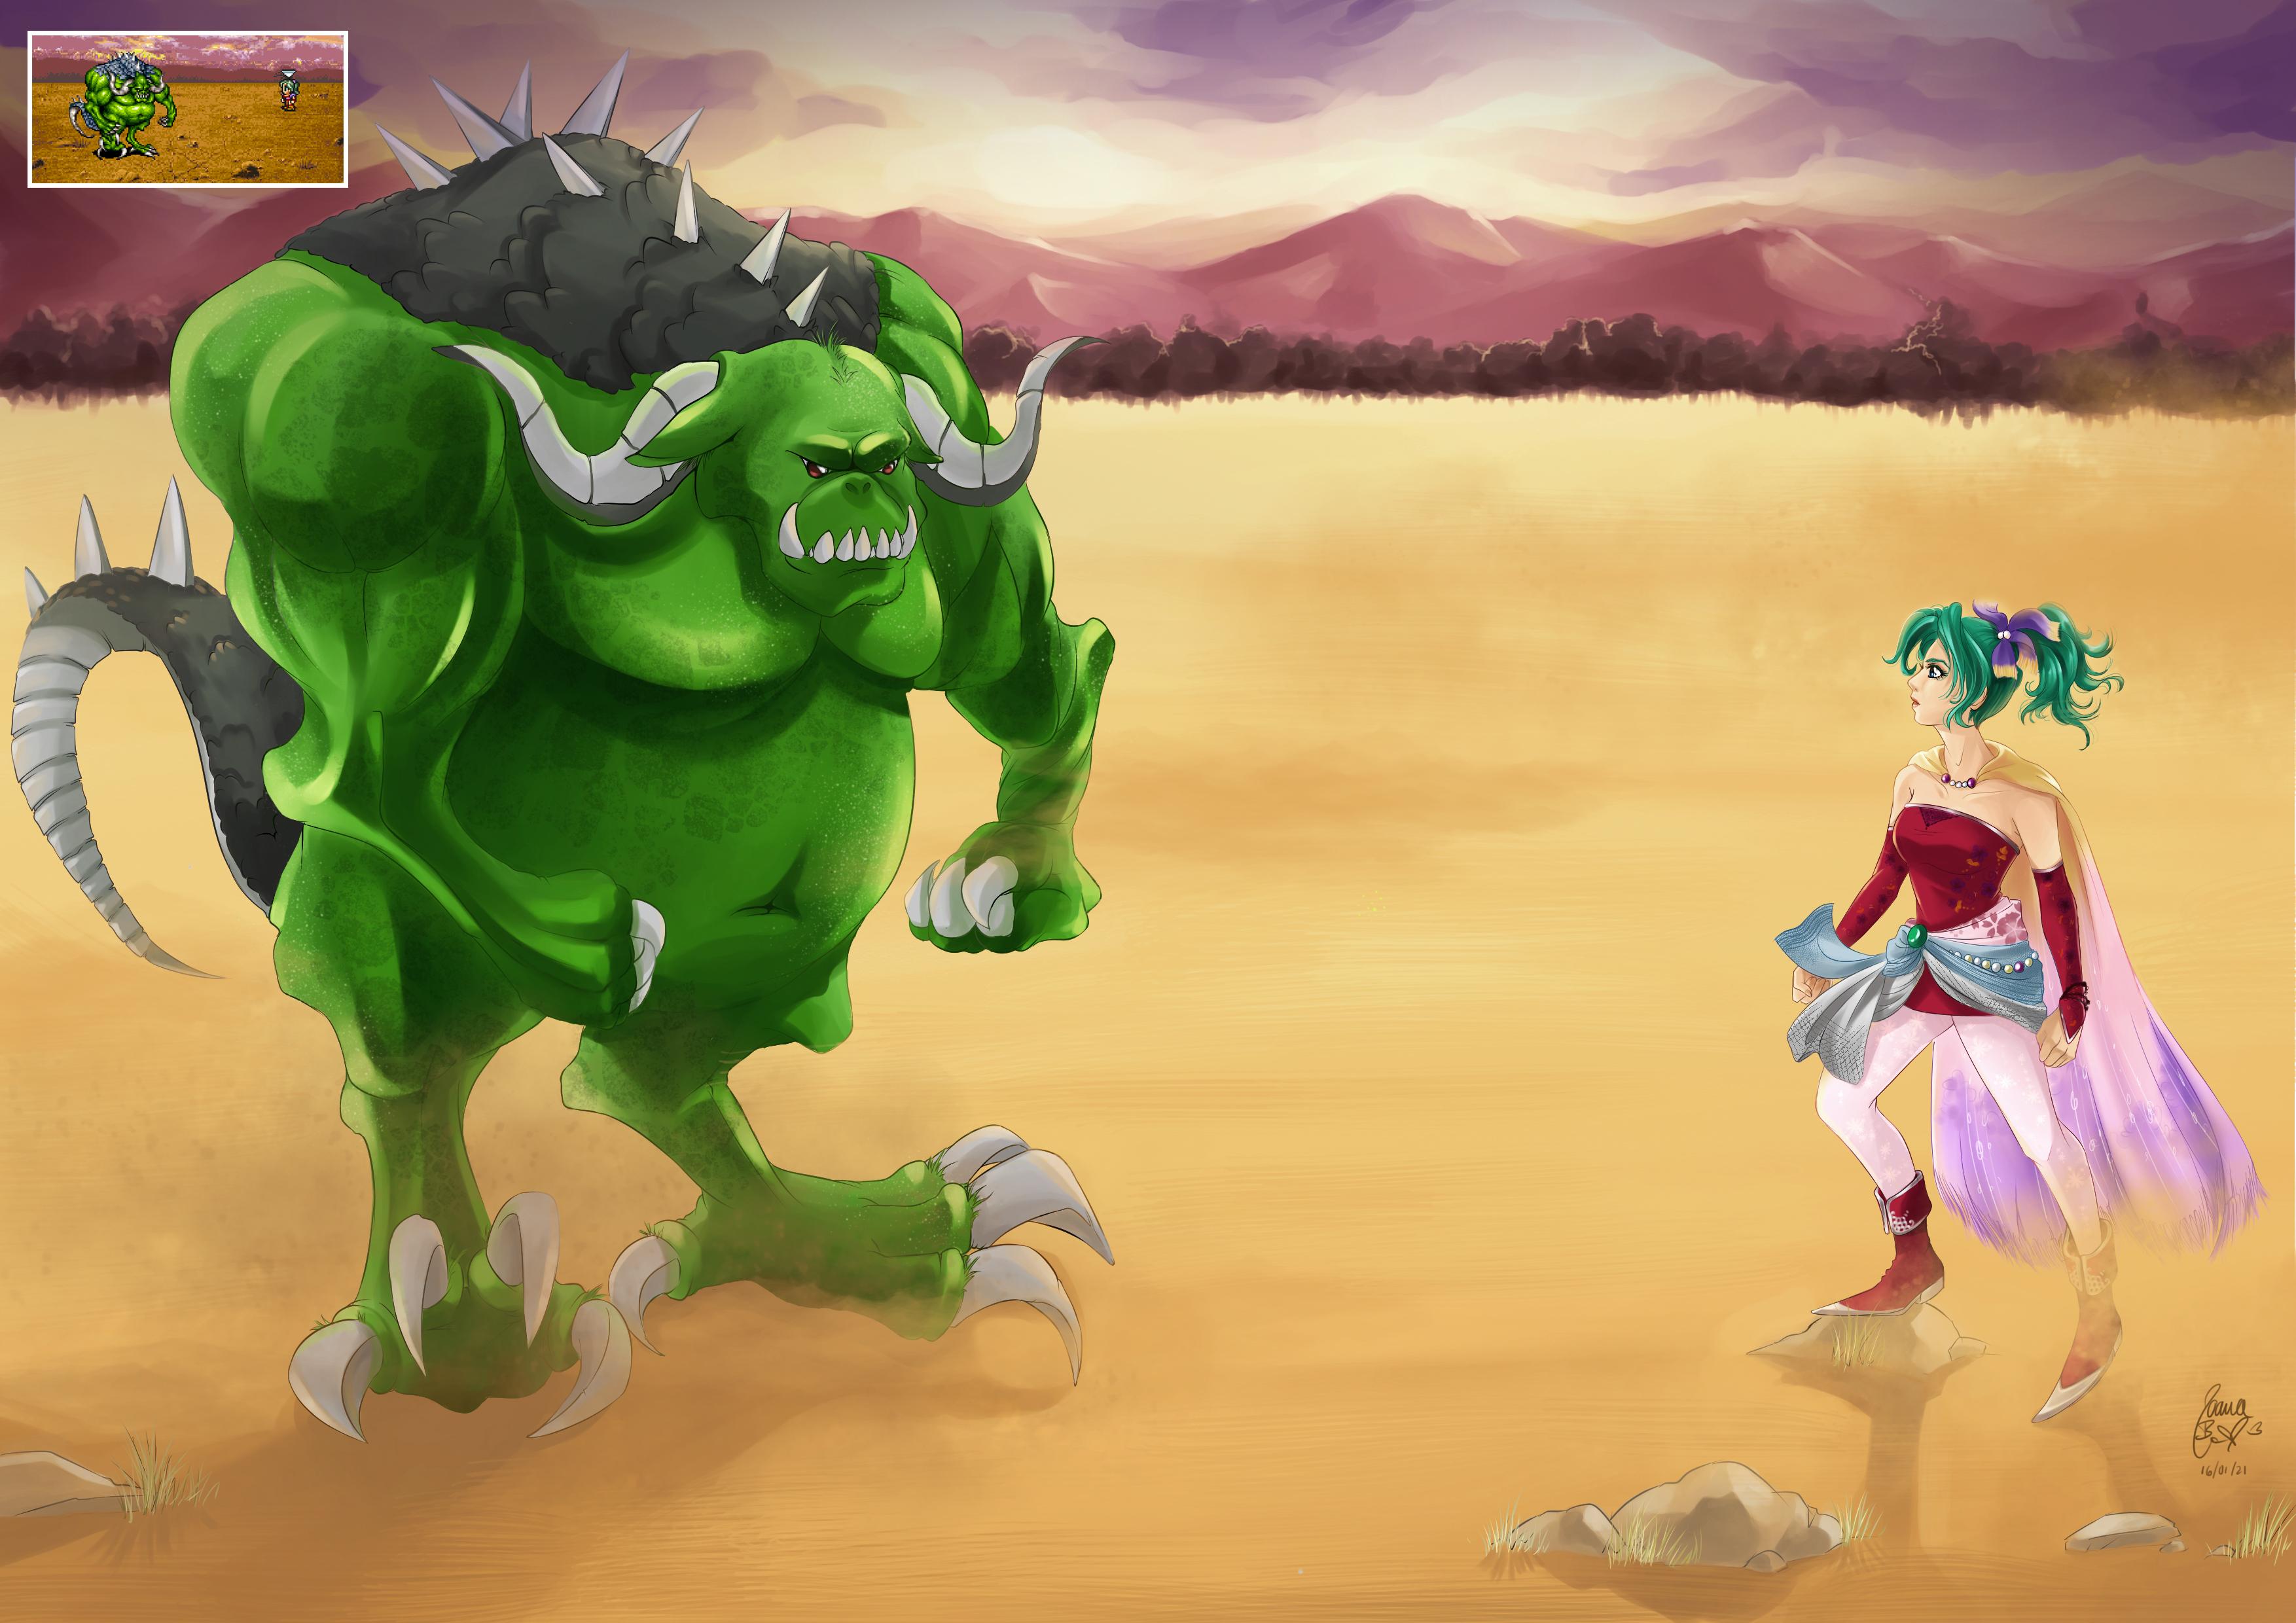 Final Fantasy VI - Terra Branford in Battle